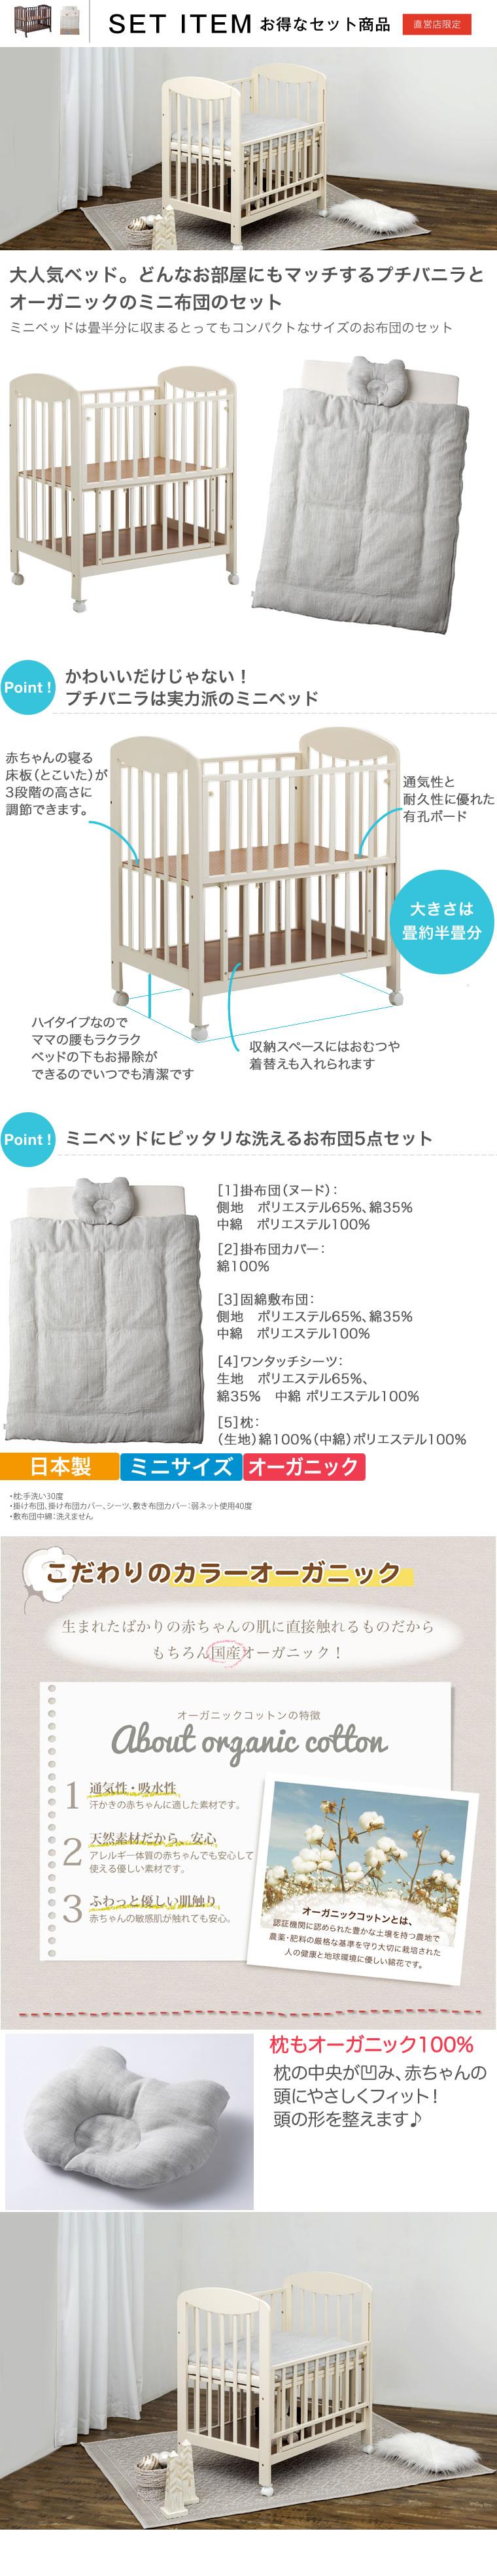 ミニベビーベッド プチバニラとオーガニックの日本製ミニベビー布団グレー